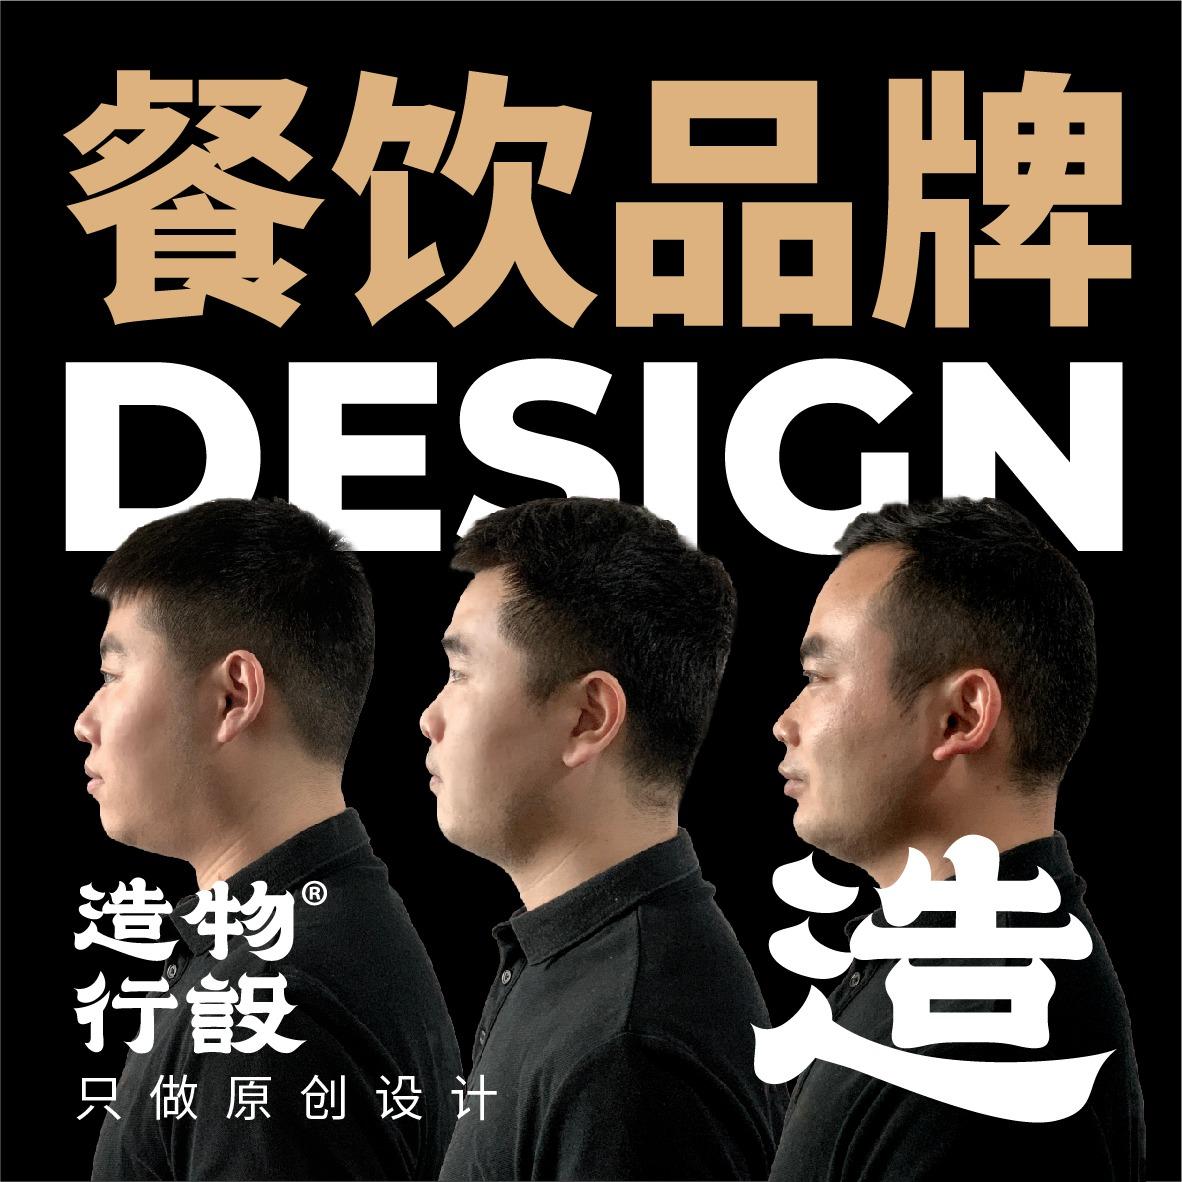 餐饮高端品牌 vi设计 视觉识别系统品牌加盟 设计 全套门店形象规范